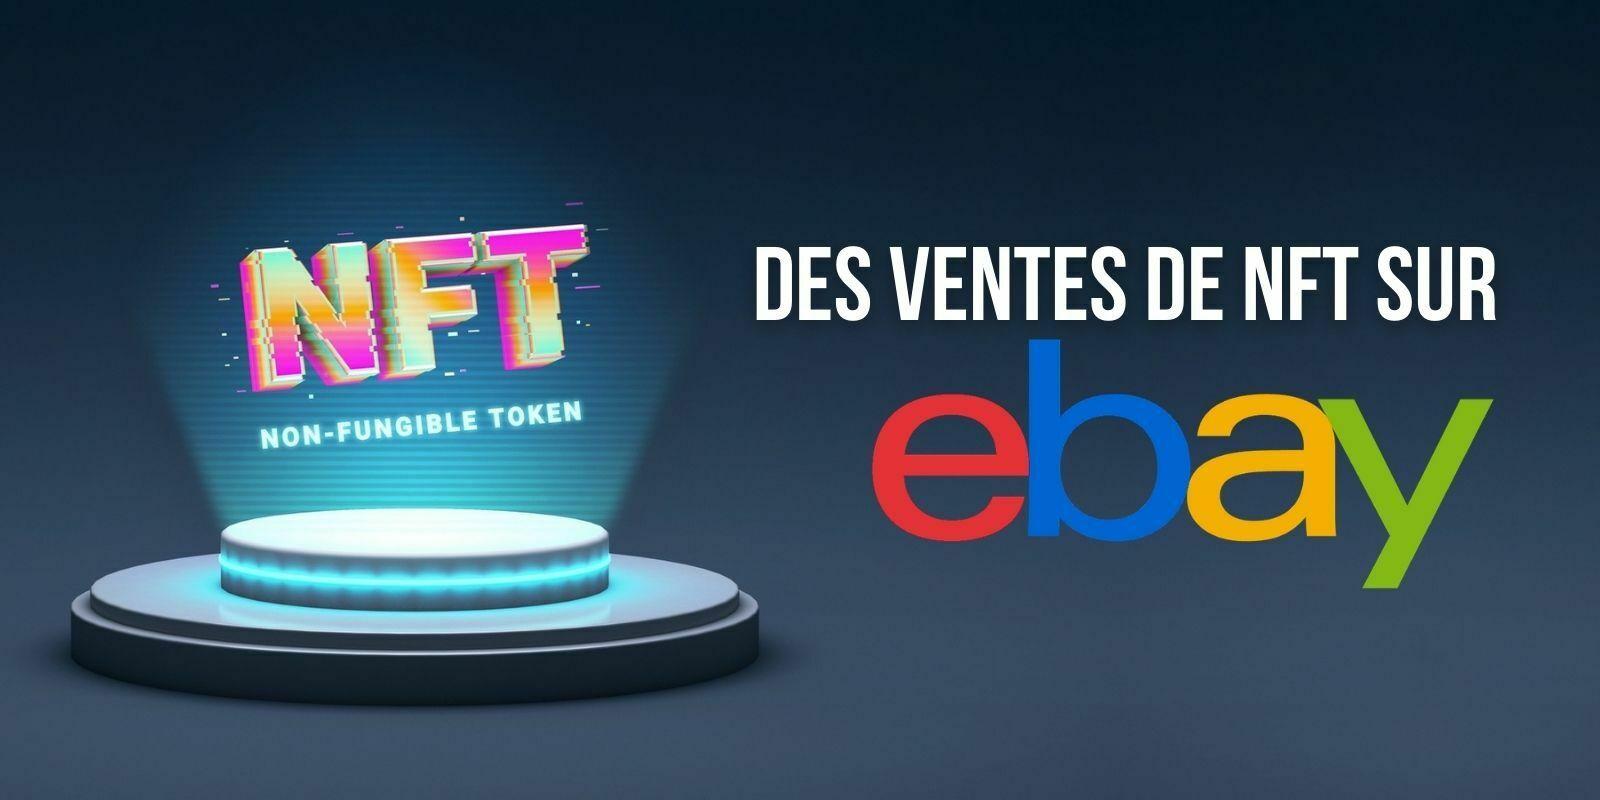 Vous pouvez désormais acheter des tokens non fongibles (NFT) sur eBay